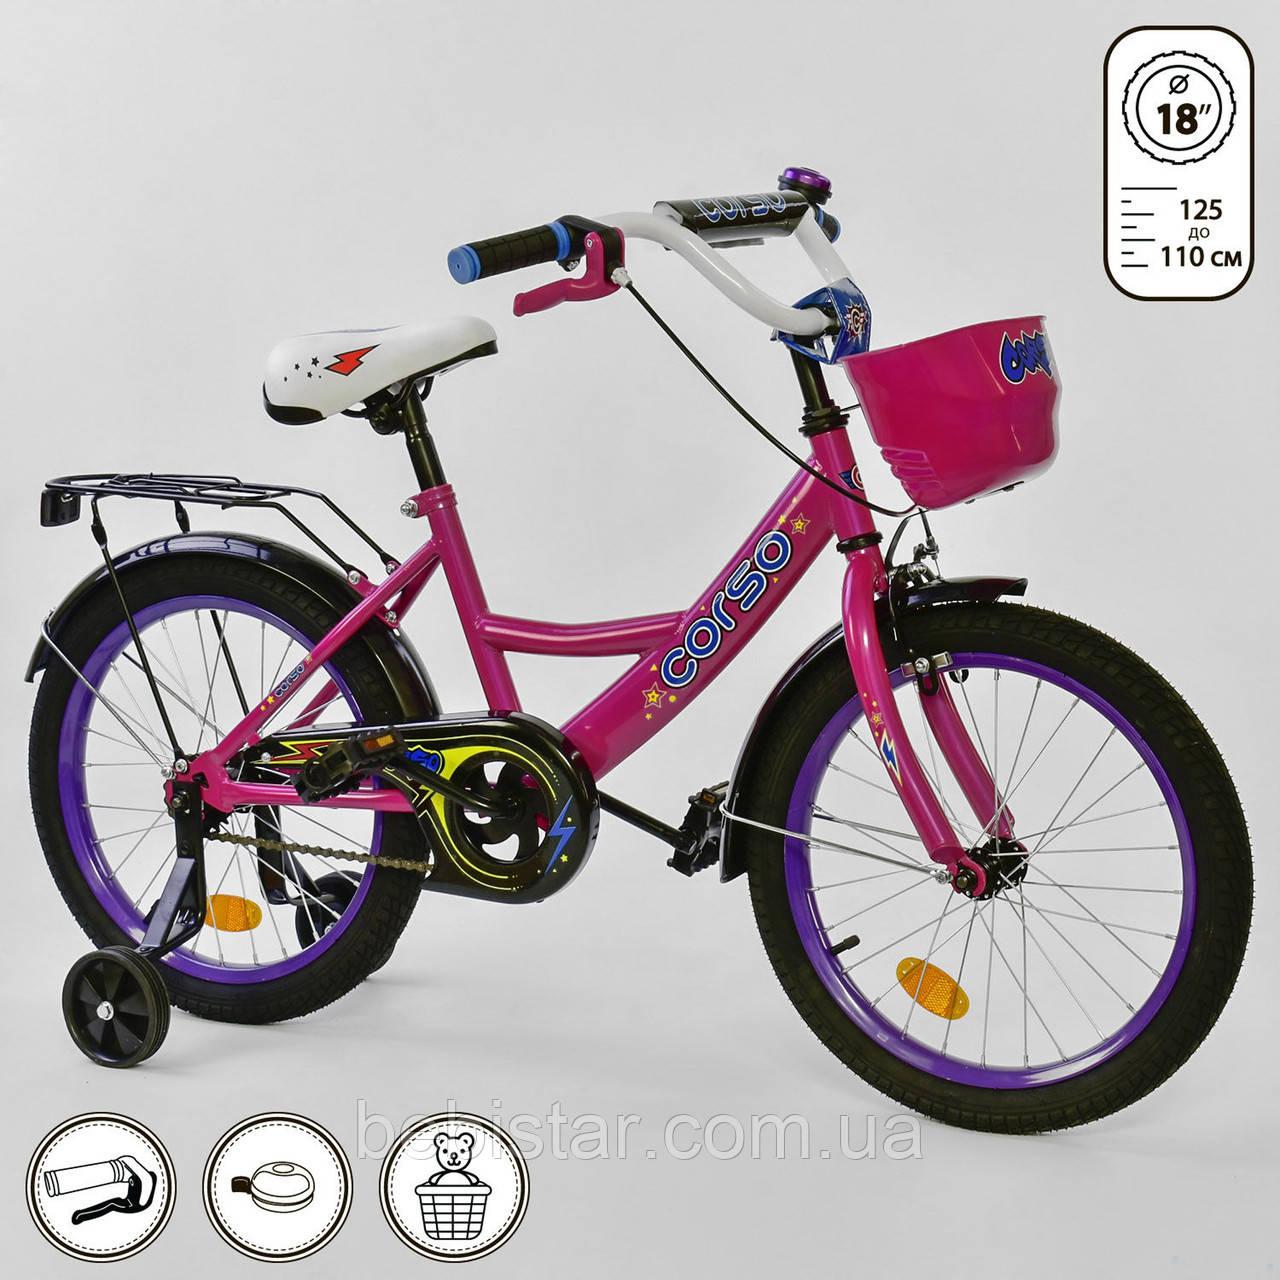 """Детский двухколесный велосипед малиновый, дополнительные колеса, ручной тормоз Corso 18"""" детям 5-7 лет"""